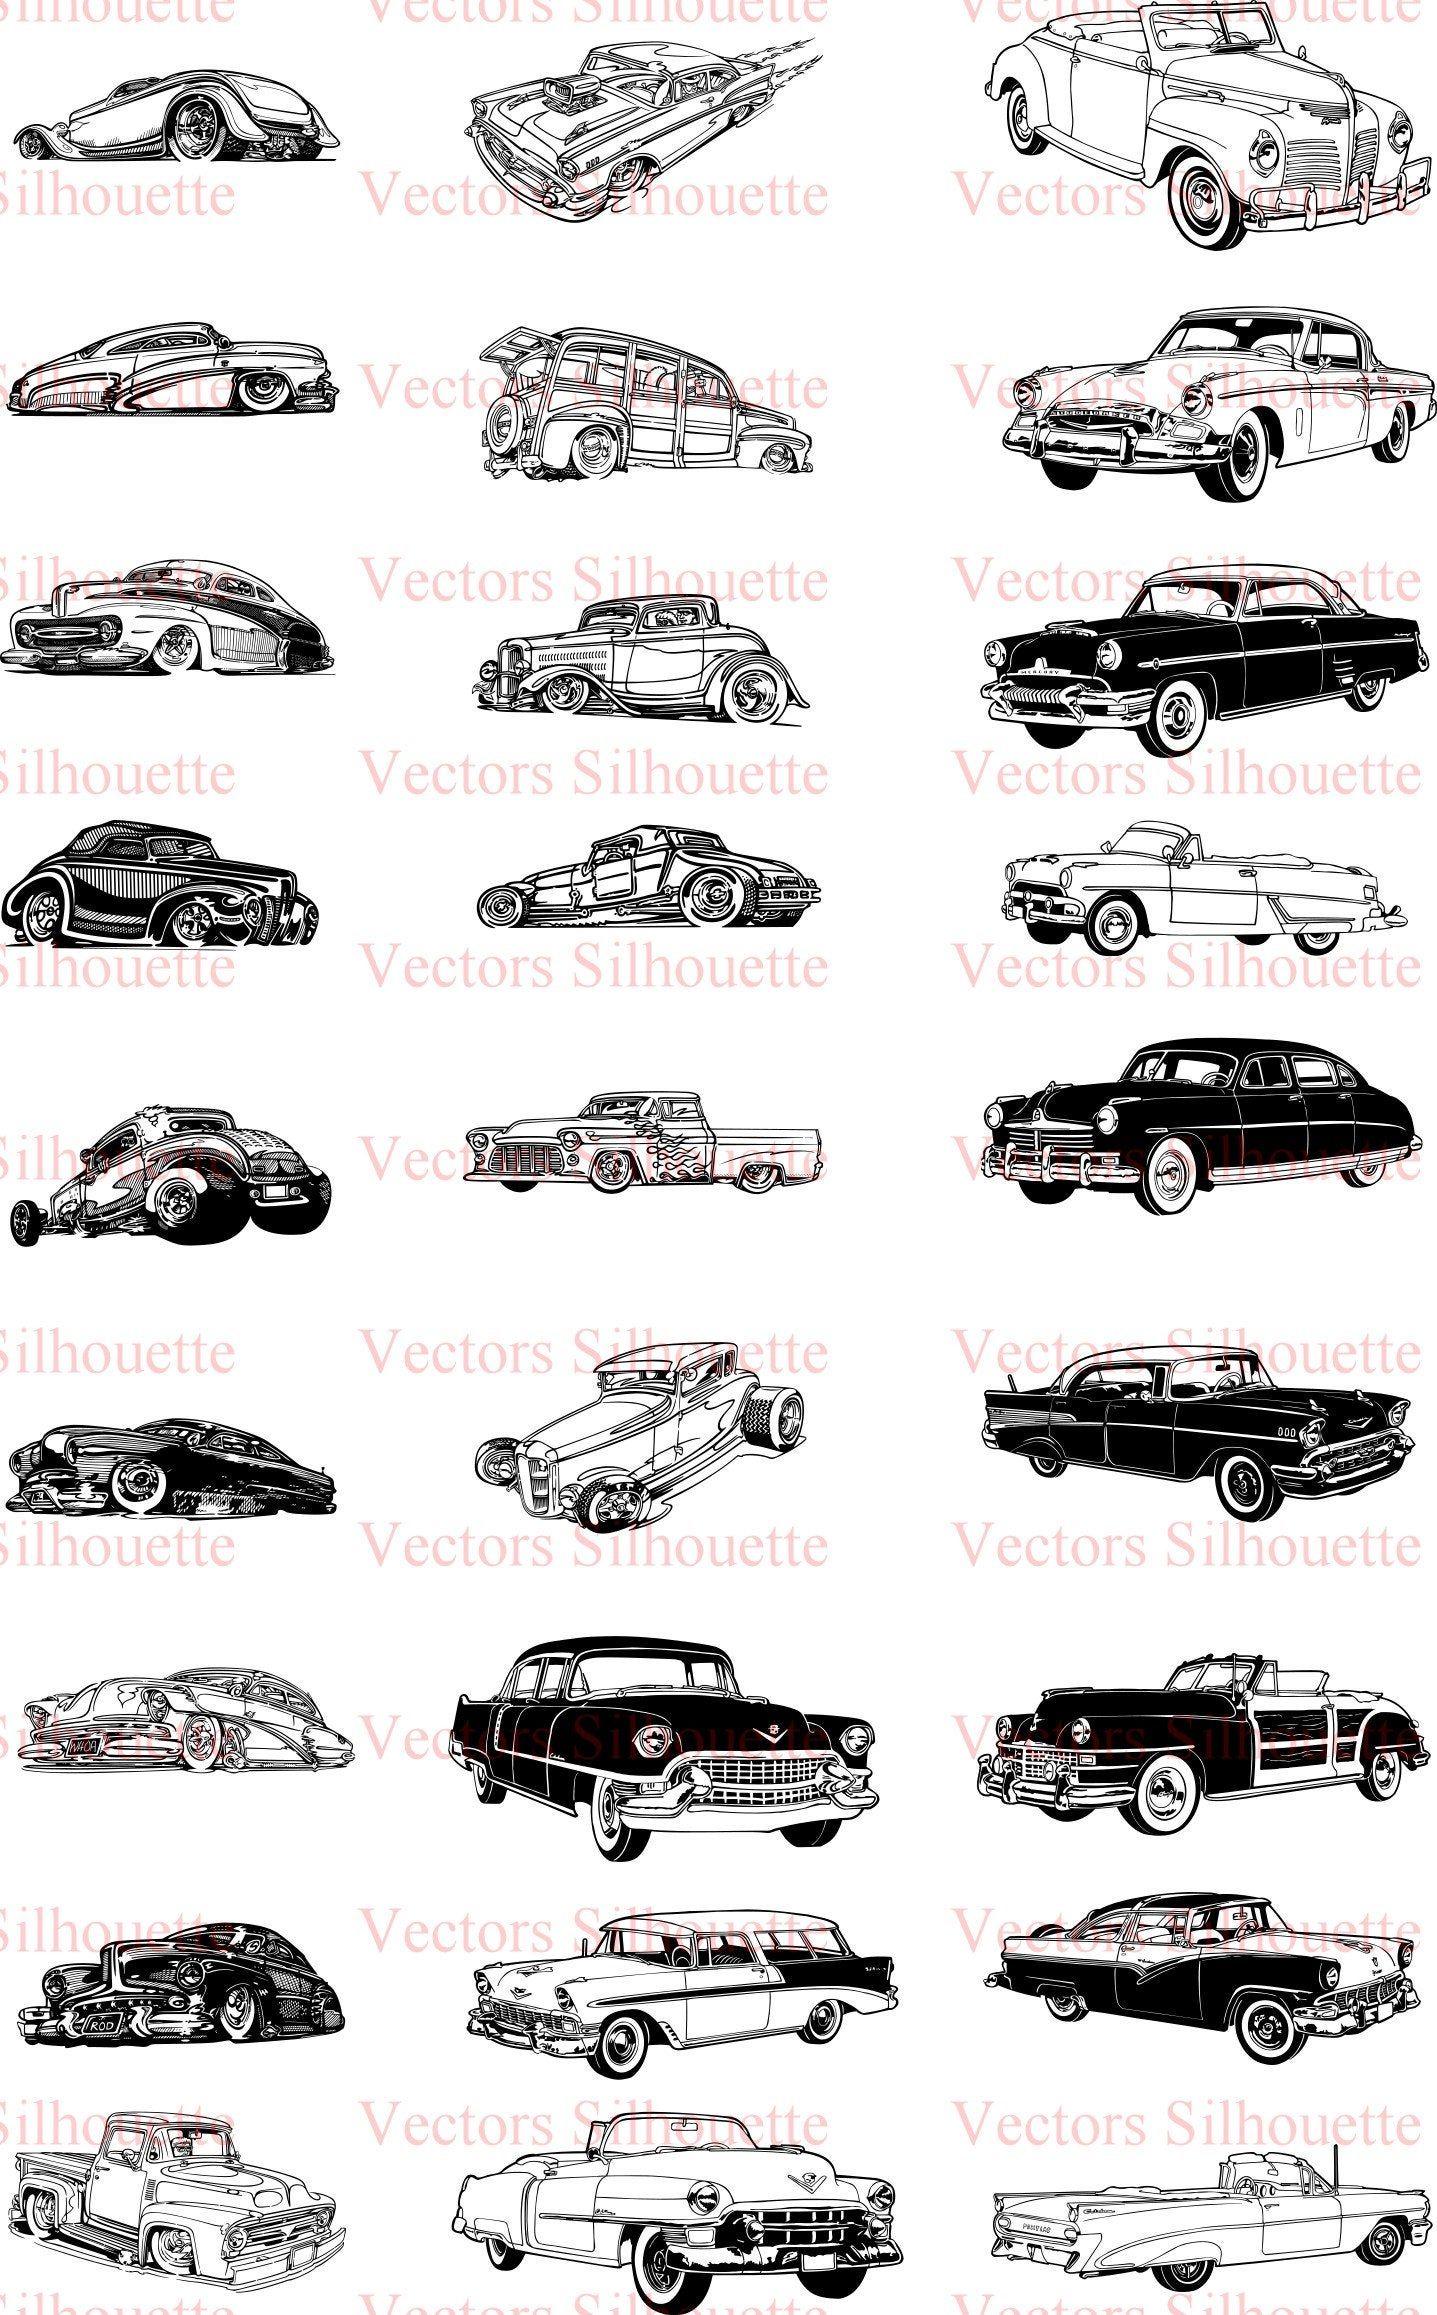 Various Vintage Car Silhouette Vectors SVG, svg, dxf, Cricut, Silhouette Cut File, Instant Download